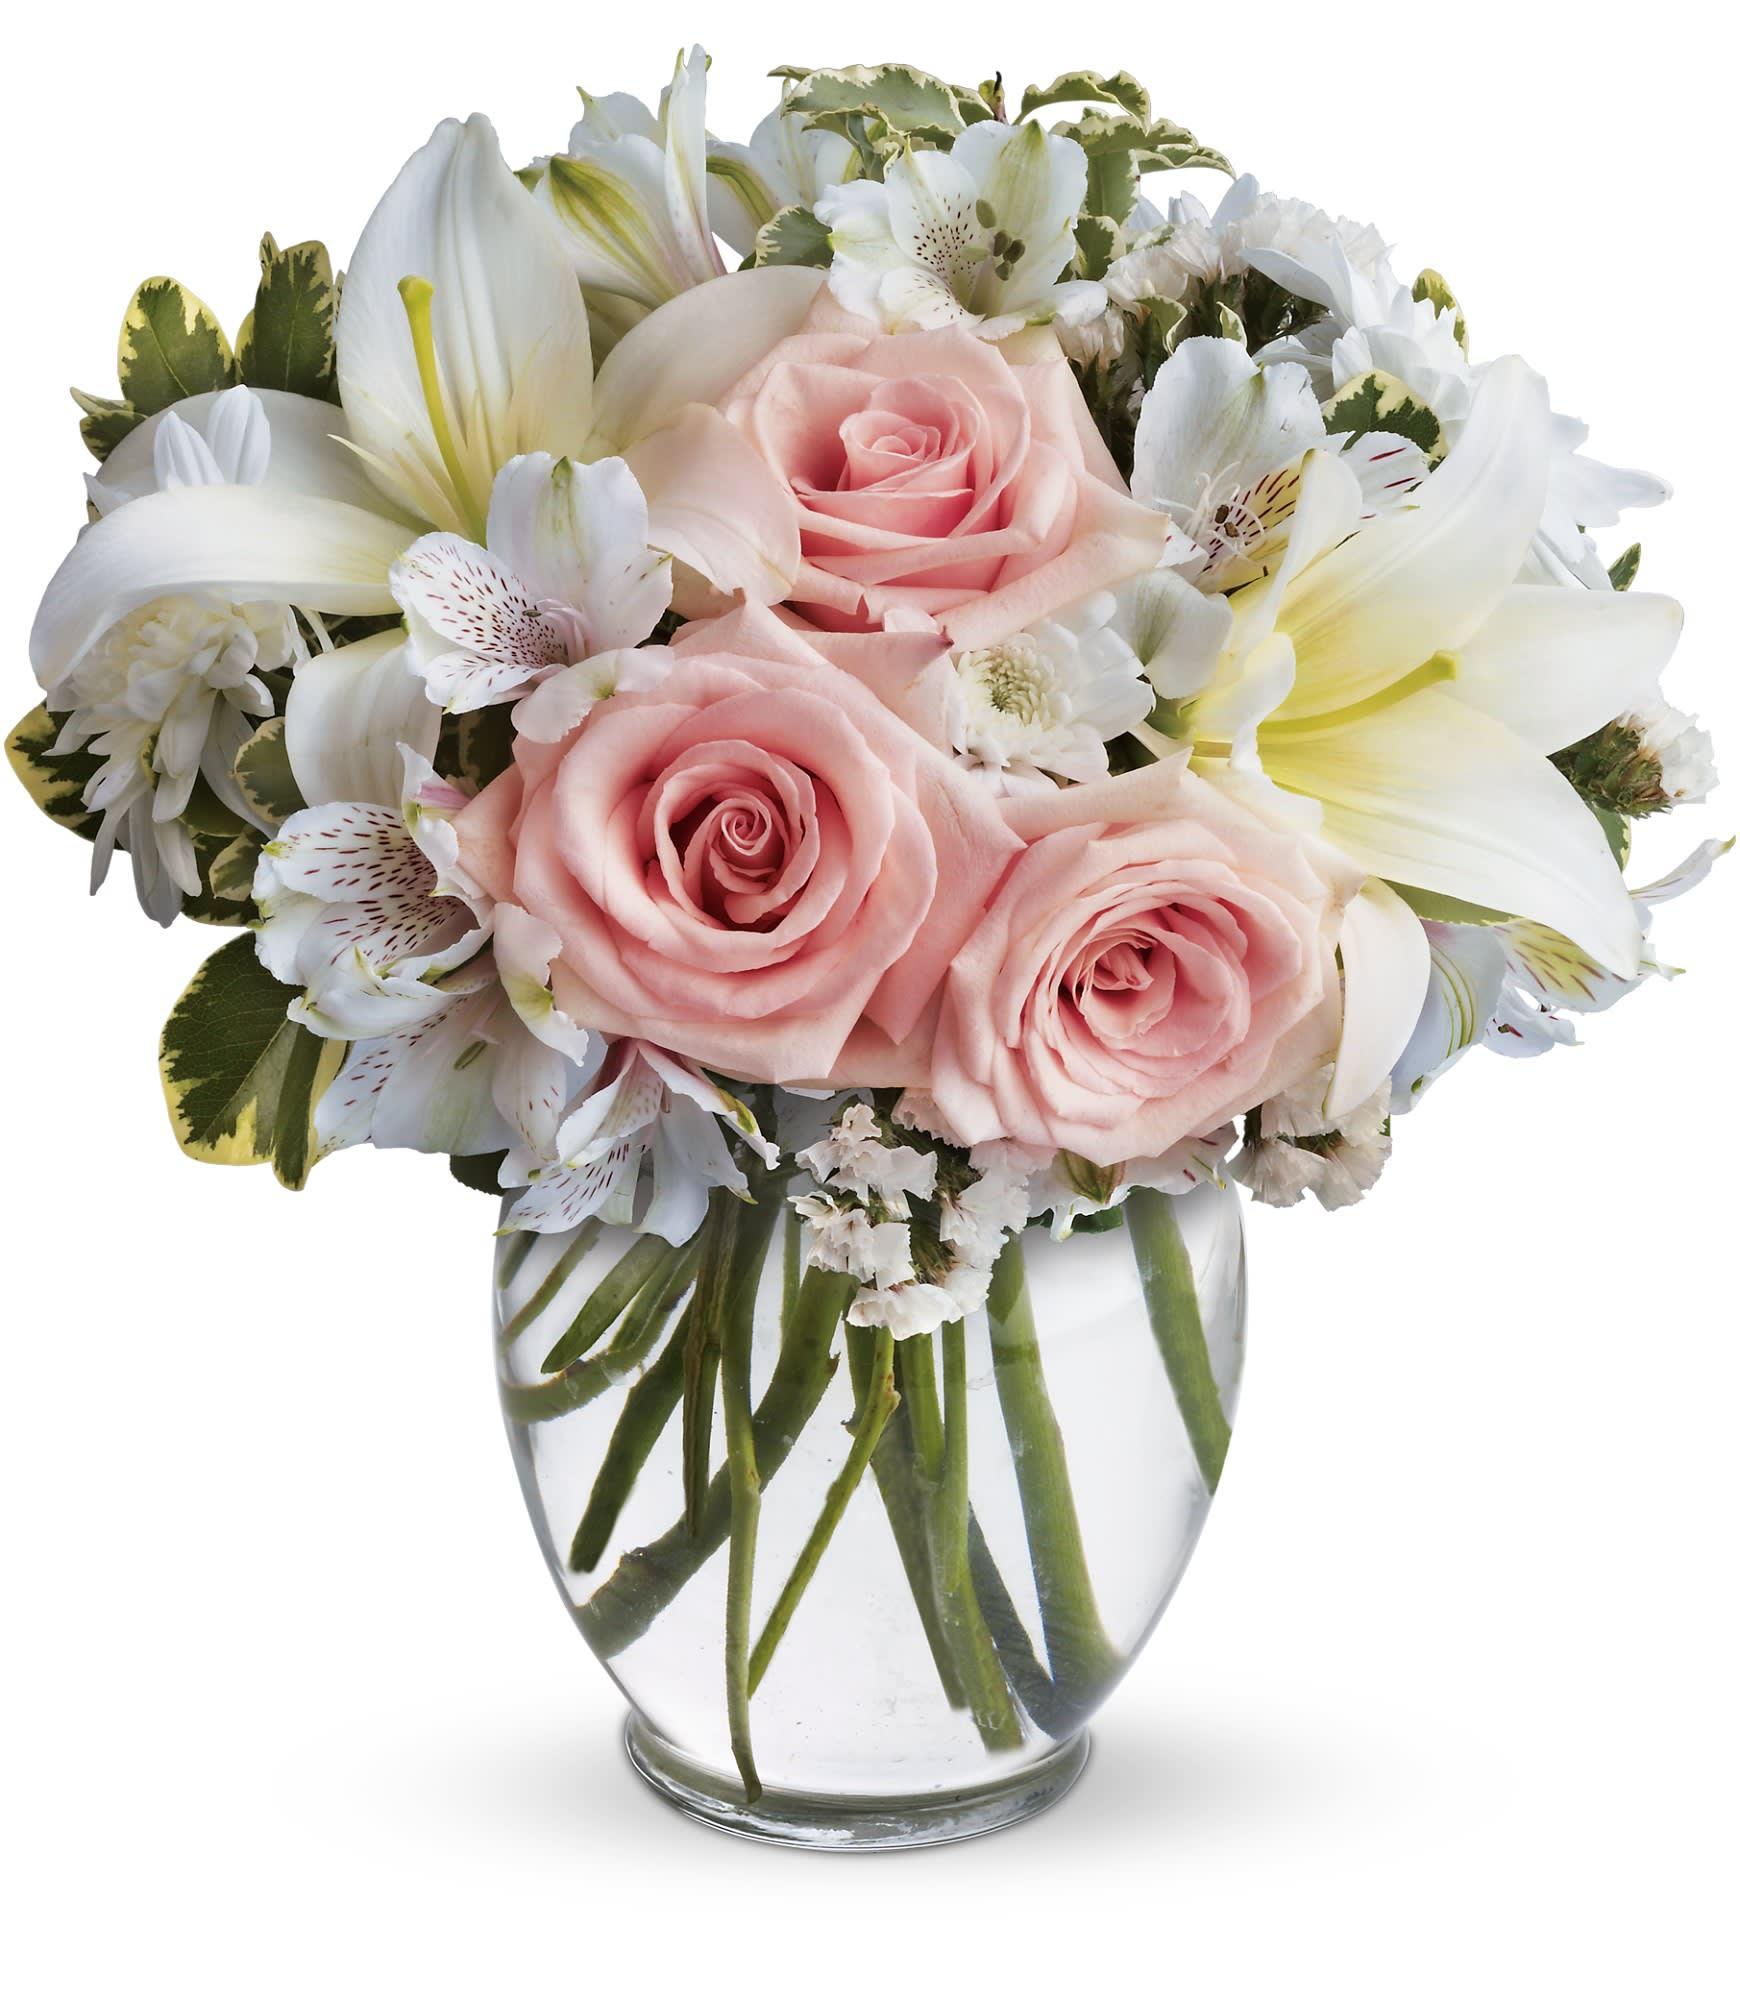 Arrive In Style By Gardenias Floral In Metuchen Nj Gardenias Floral